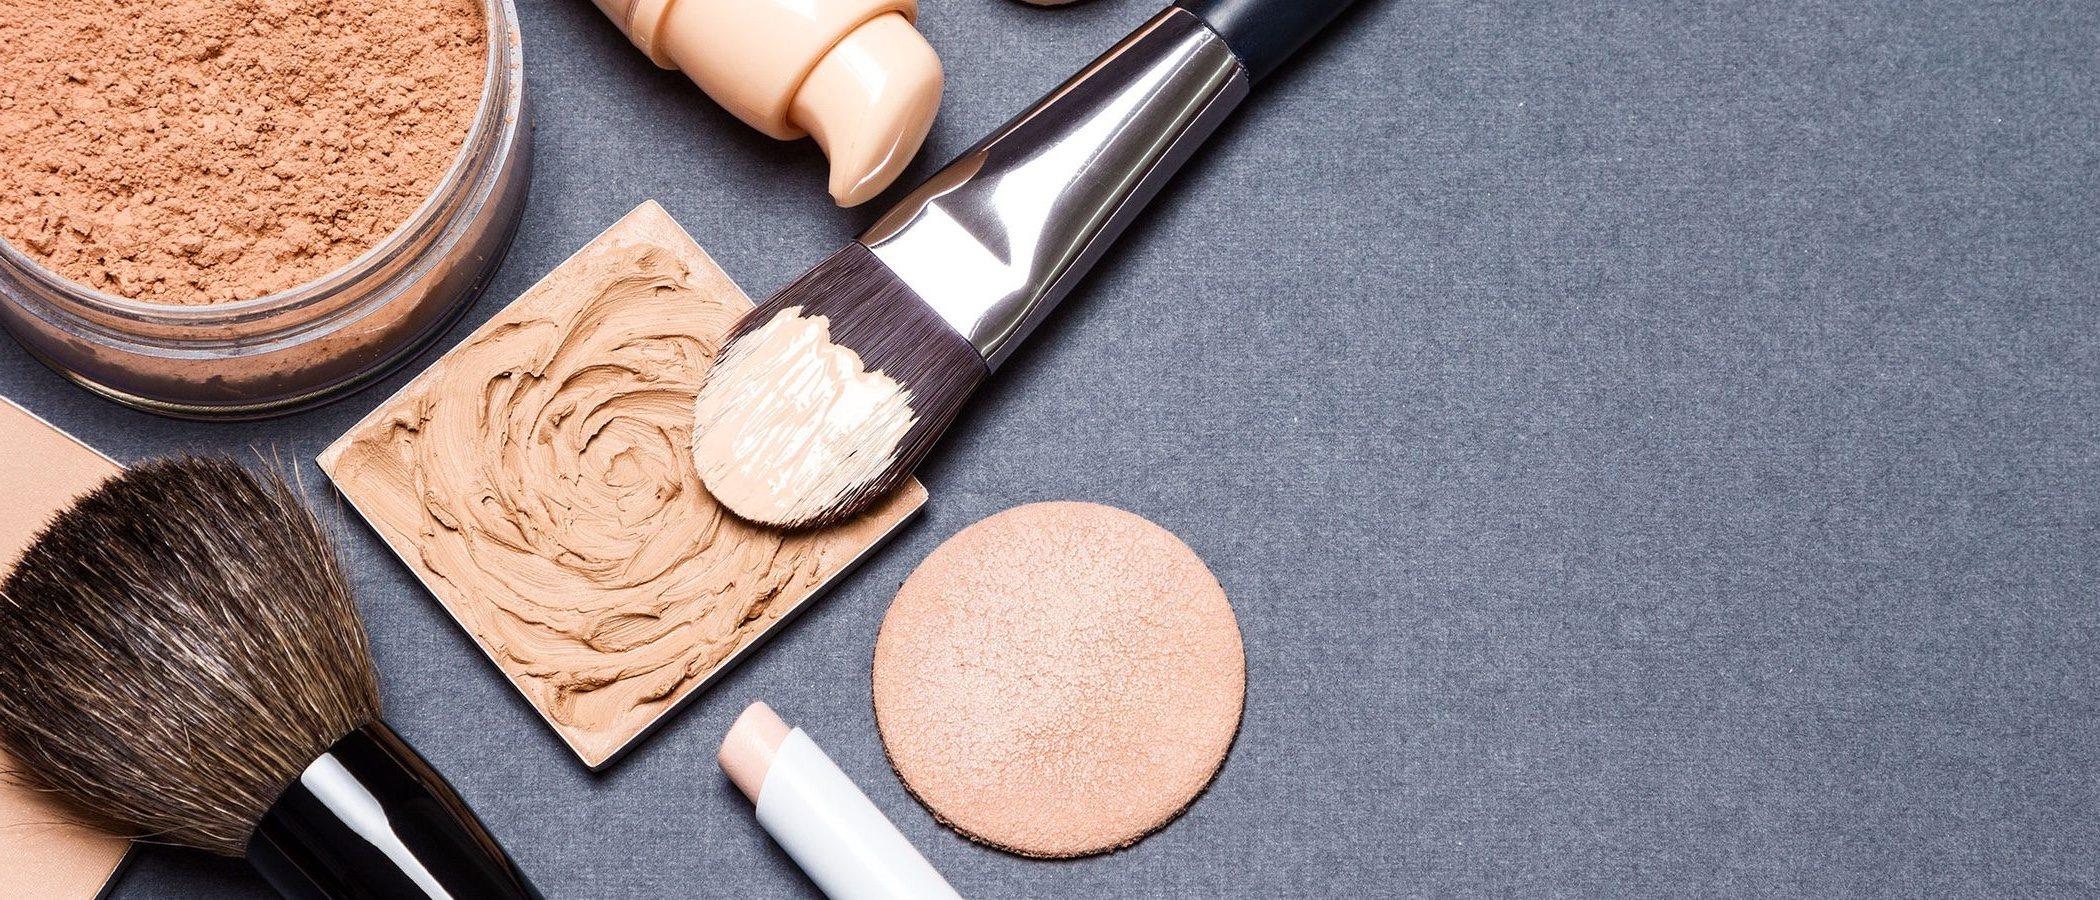 Cómo maquillarse para simular estar morena